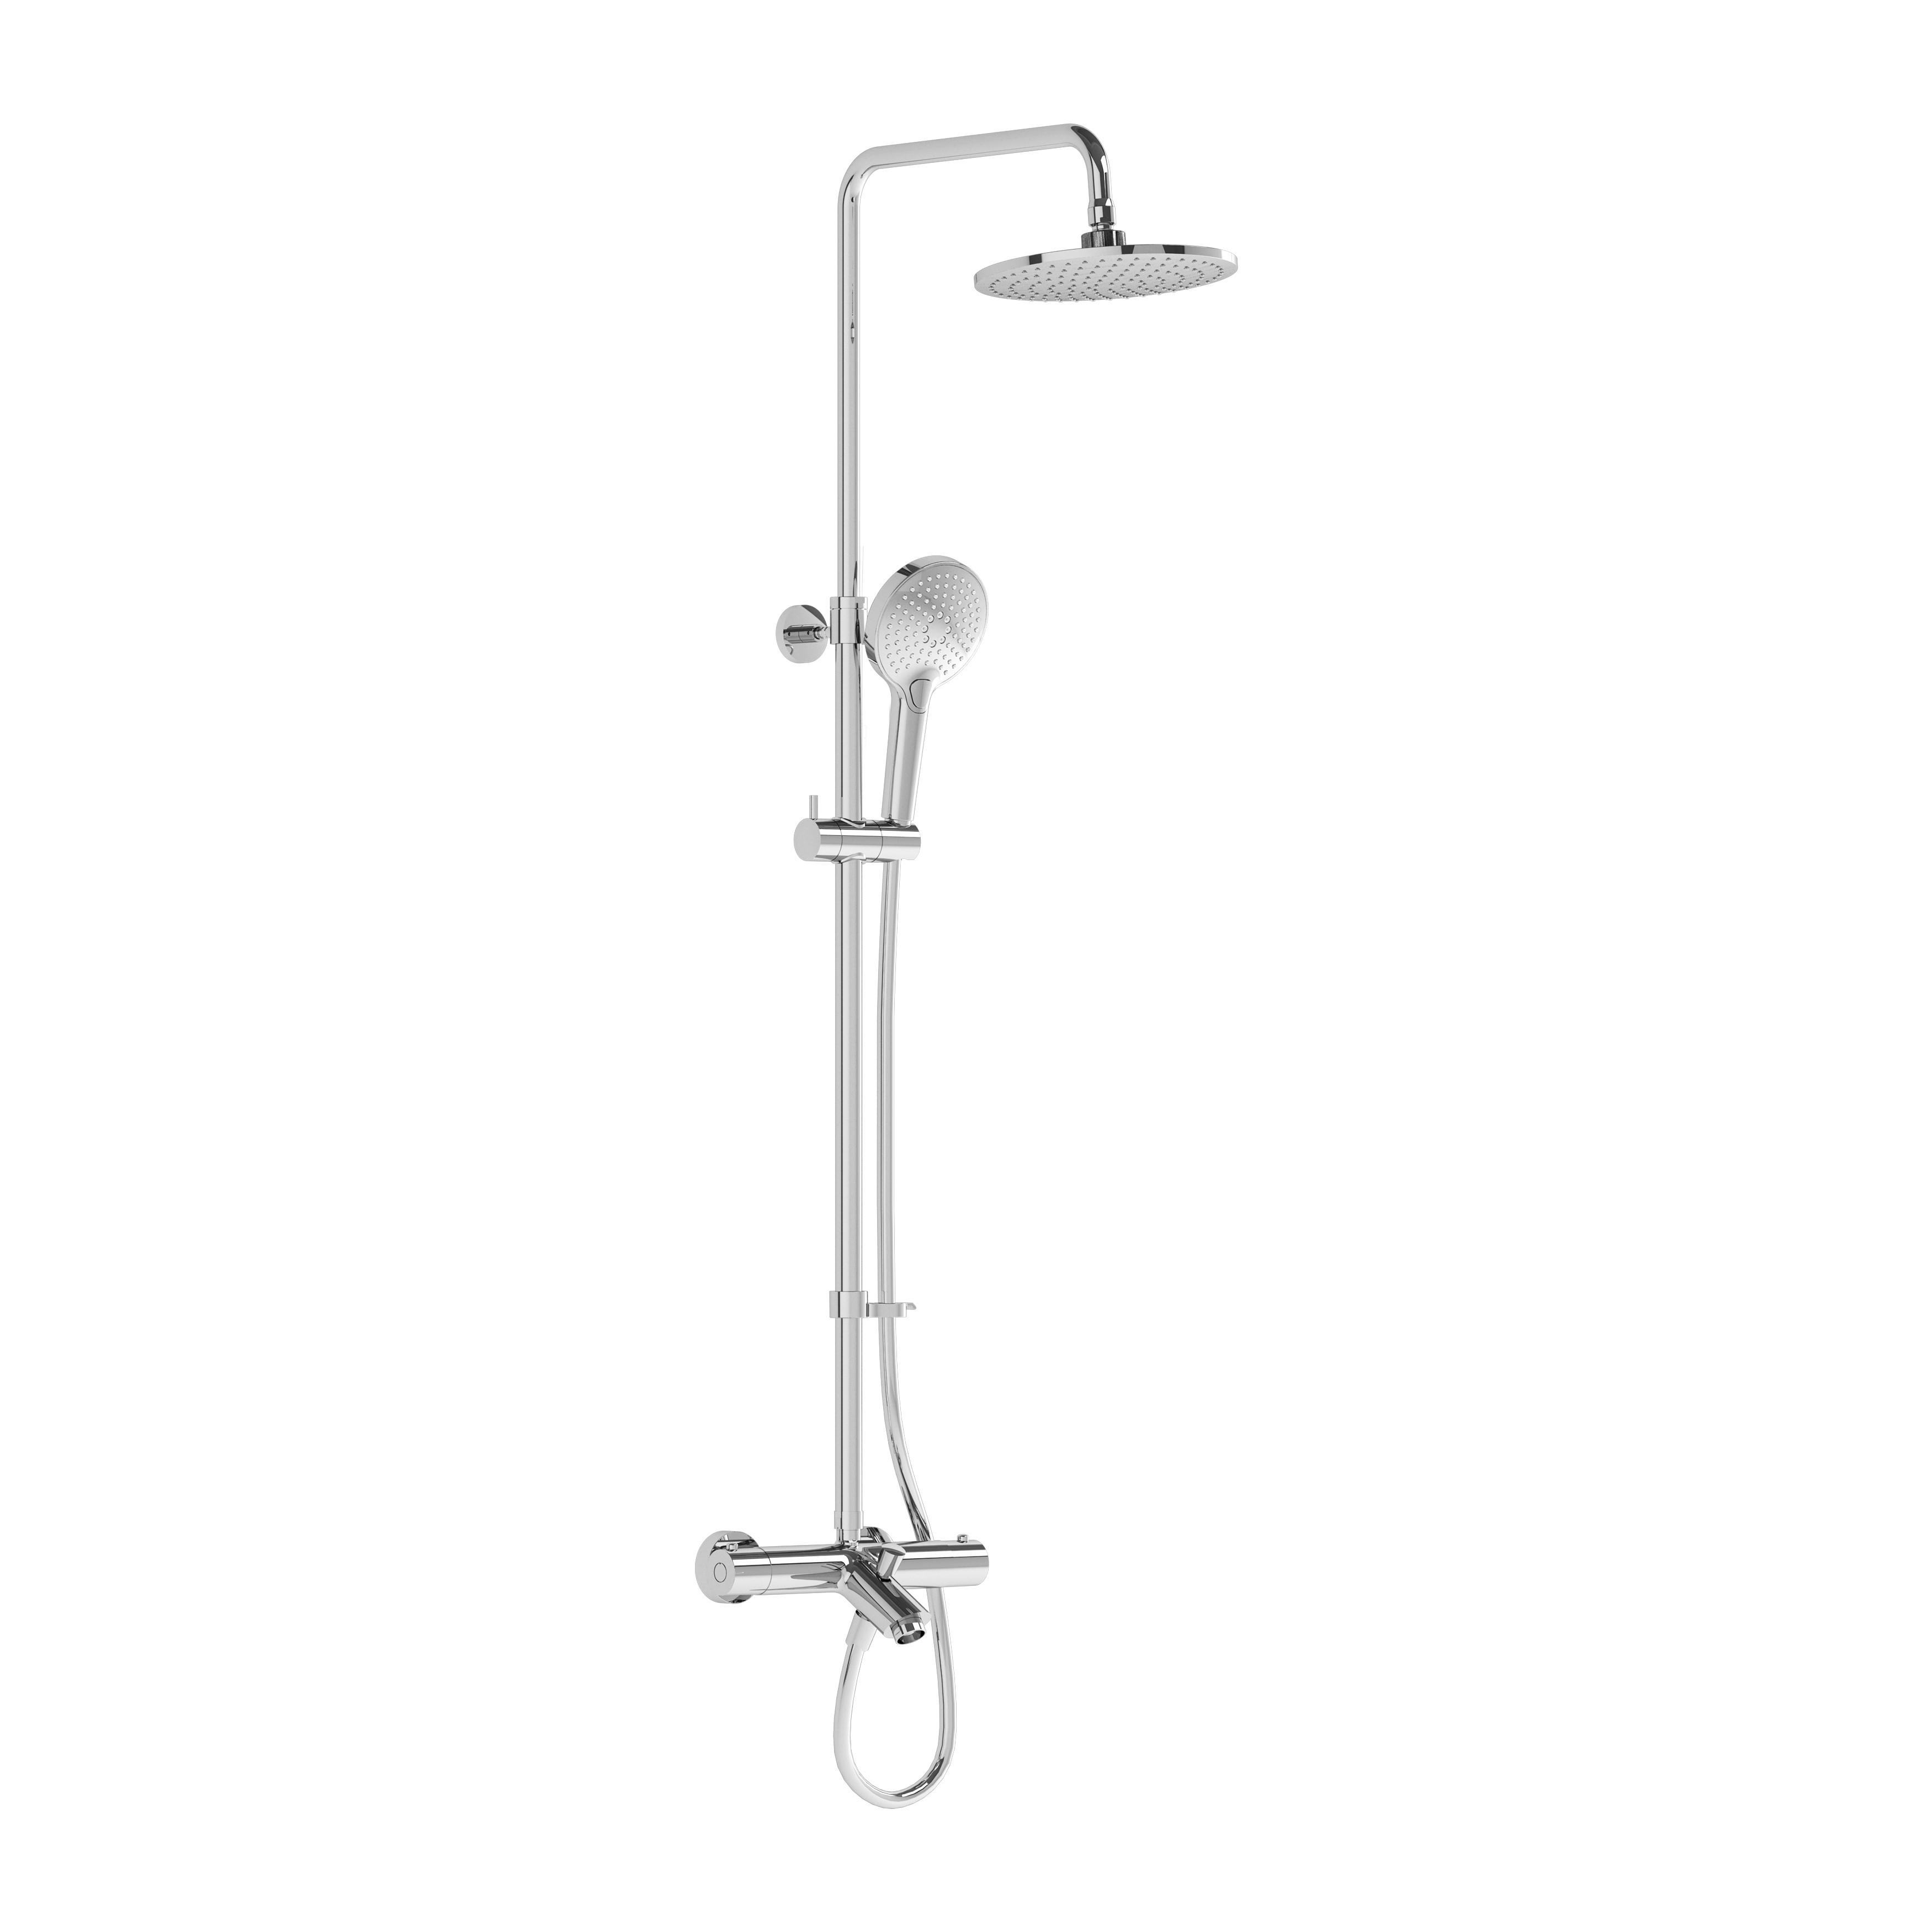 Aquaheat Joy 220 B, colonne avec mitigeur thermostatique bain / douche